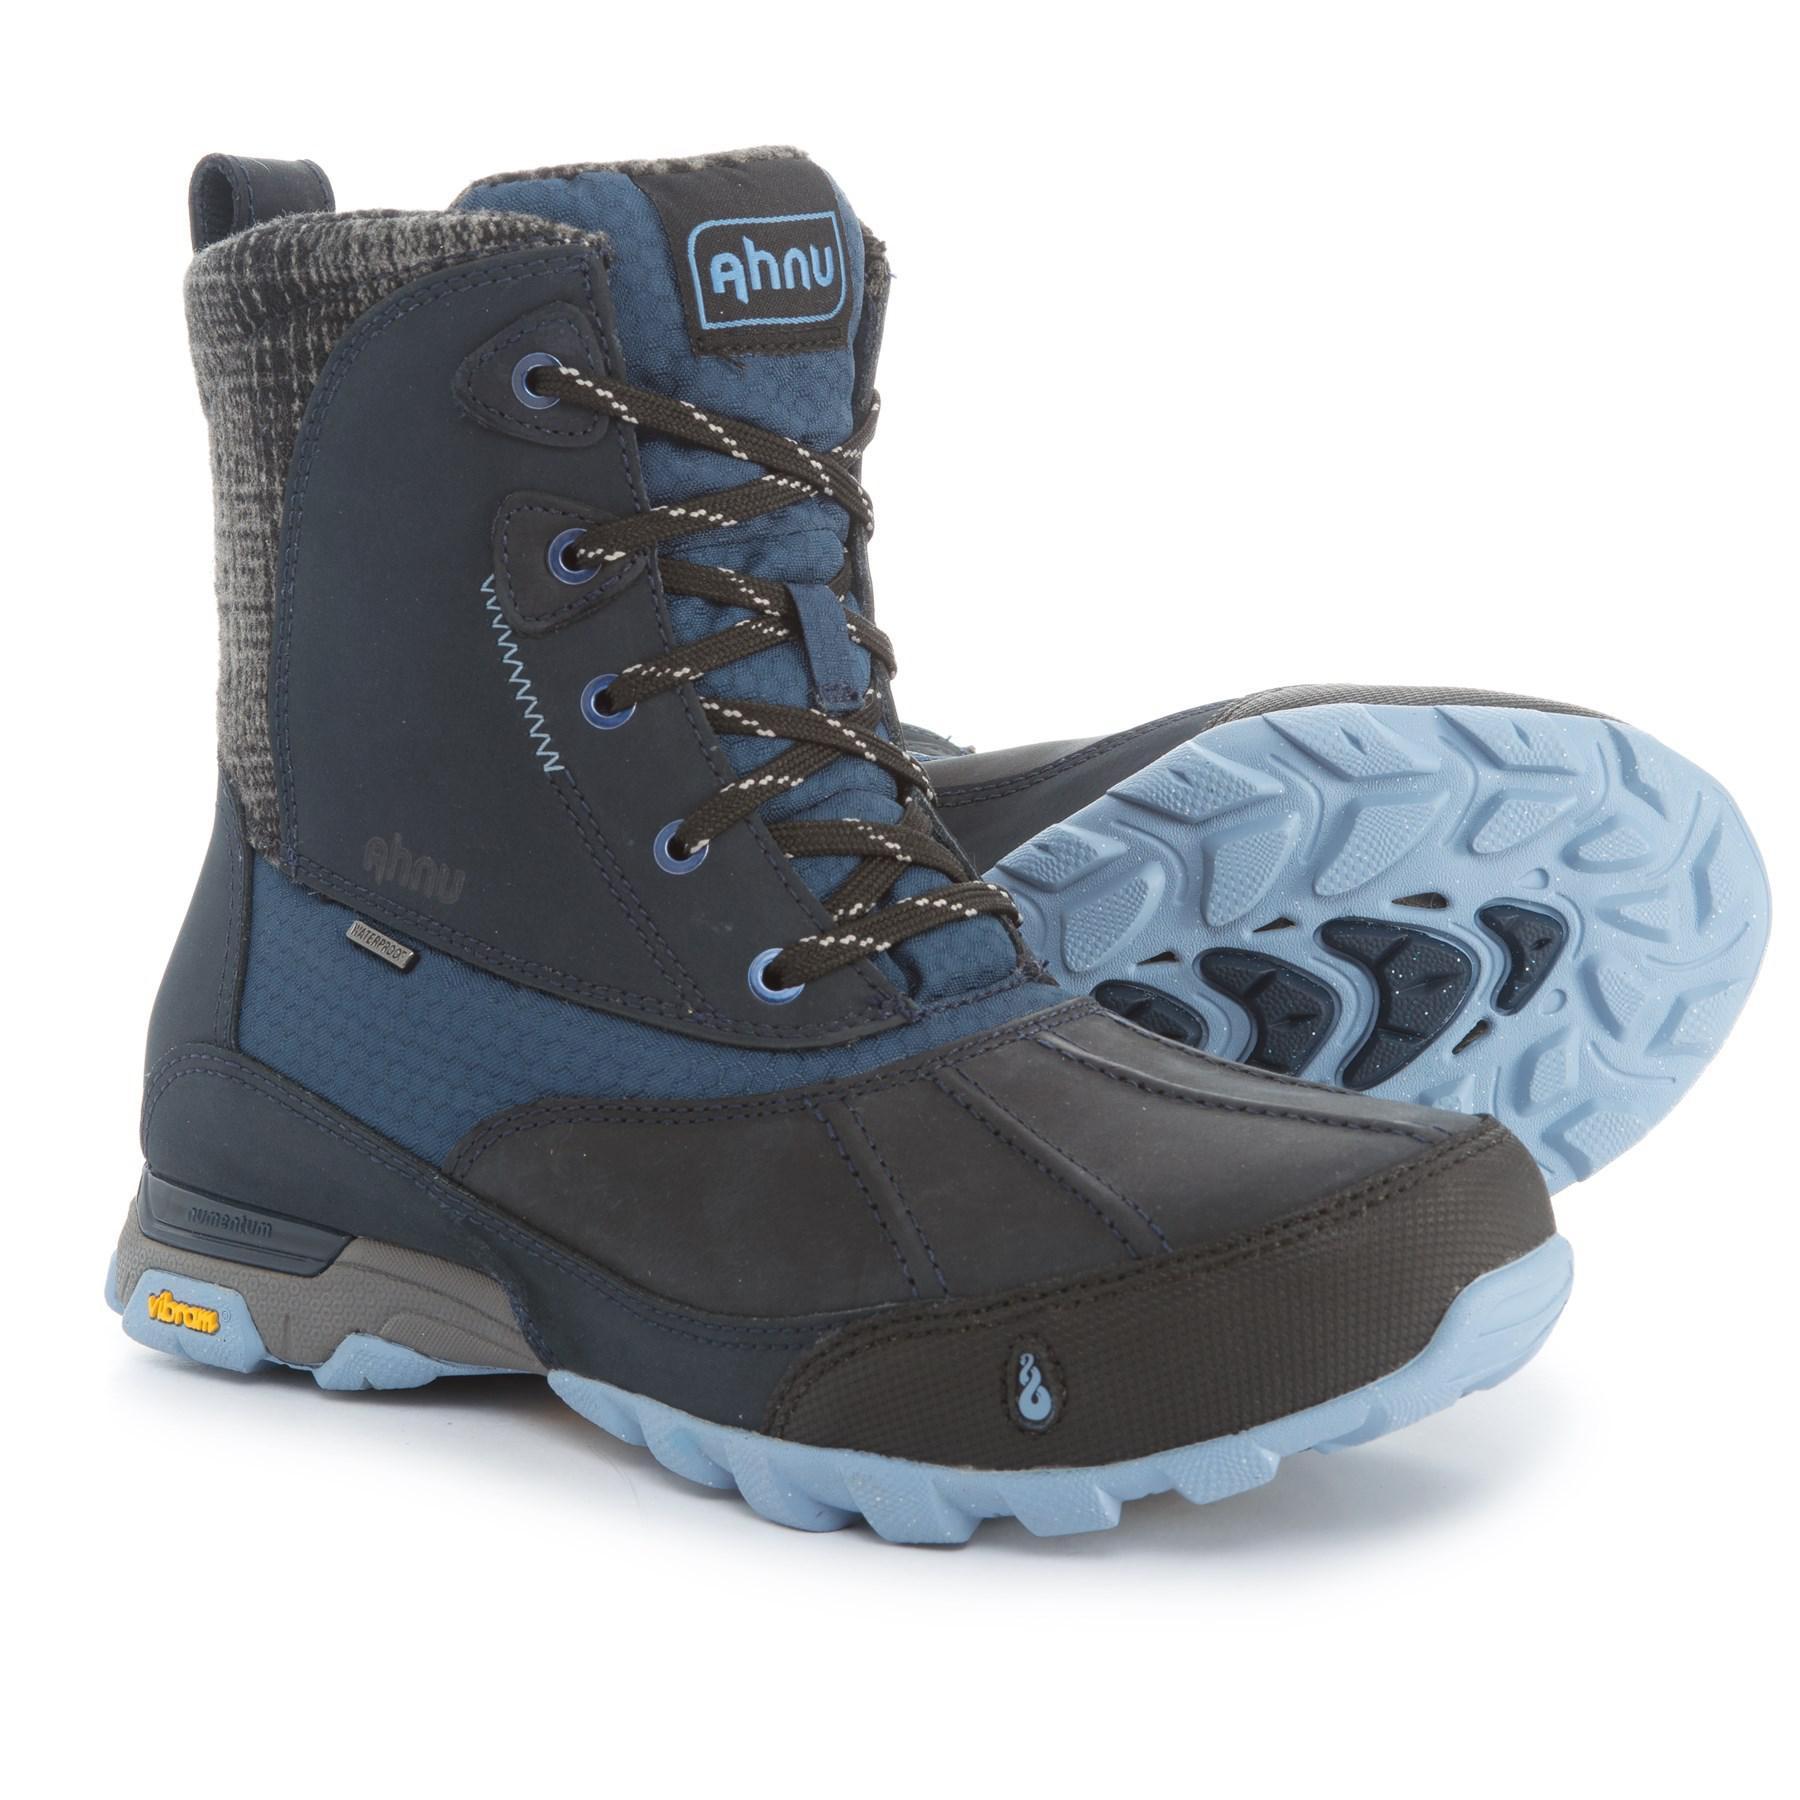 c3e0376d674 Lyst - Ahnu Sugar Peak Snow Boots in Blue